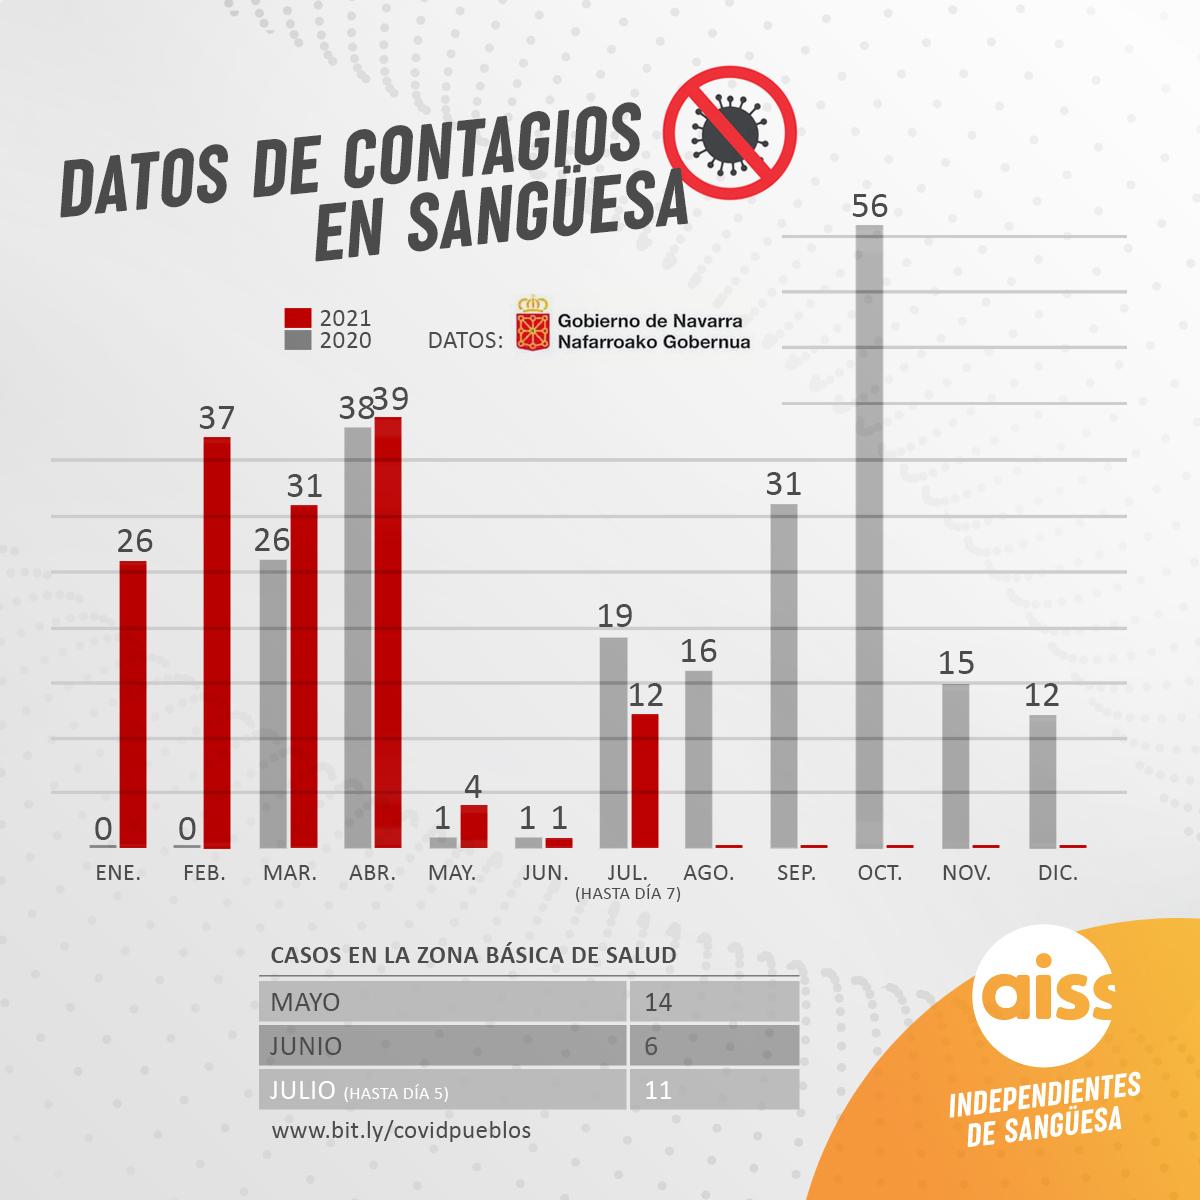 Datos Covid-19: Aumentan hasta 12 los contagios en Sangüesa en los 7 primeros días de julio